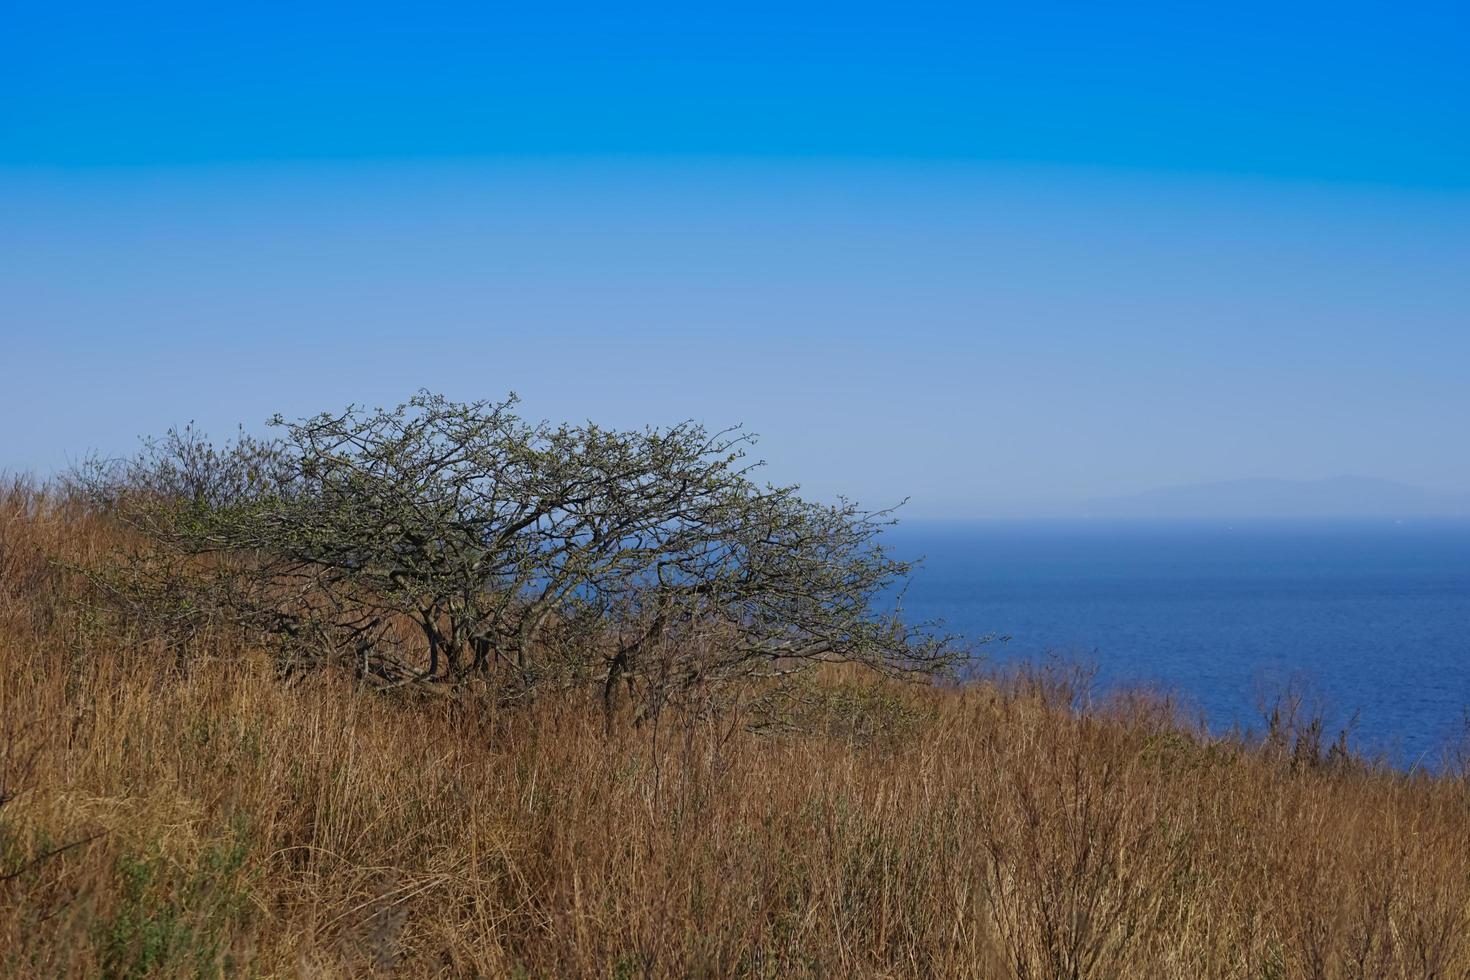 paisaje con árboles desnudos en un campo junto a un cuerpo de agua foto